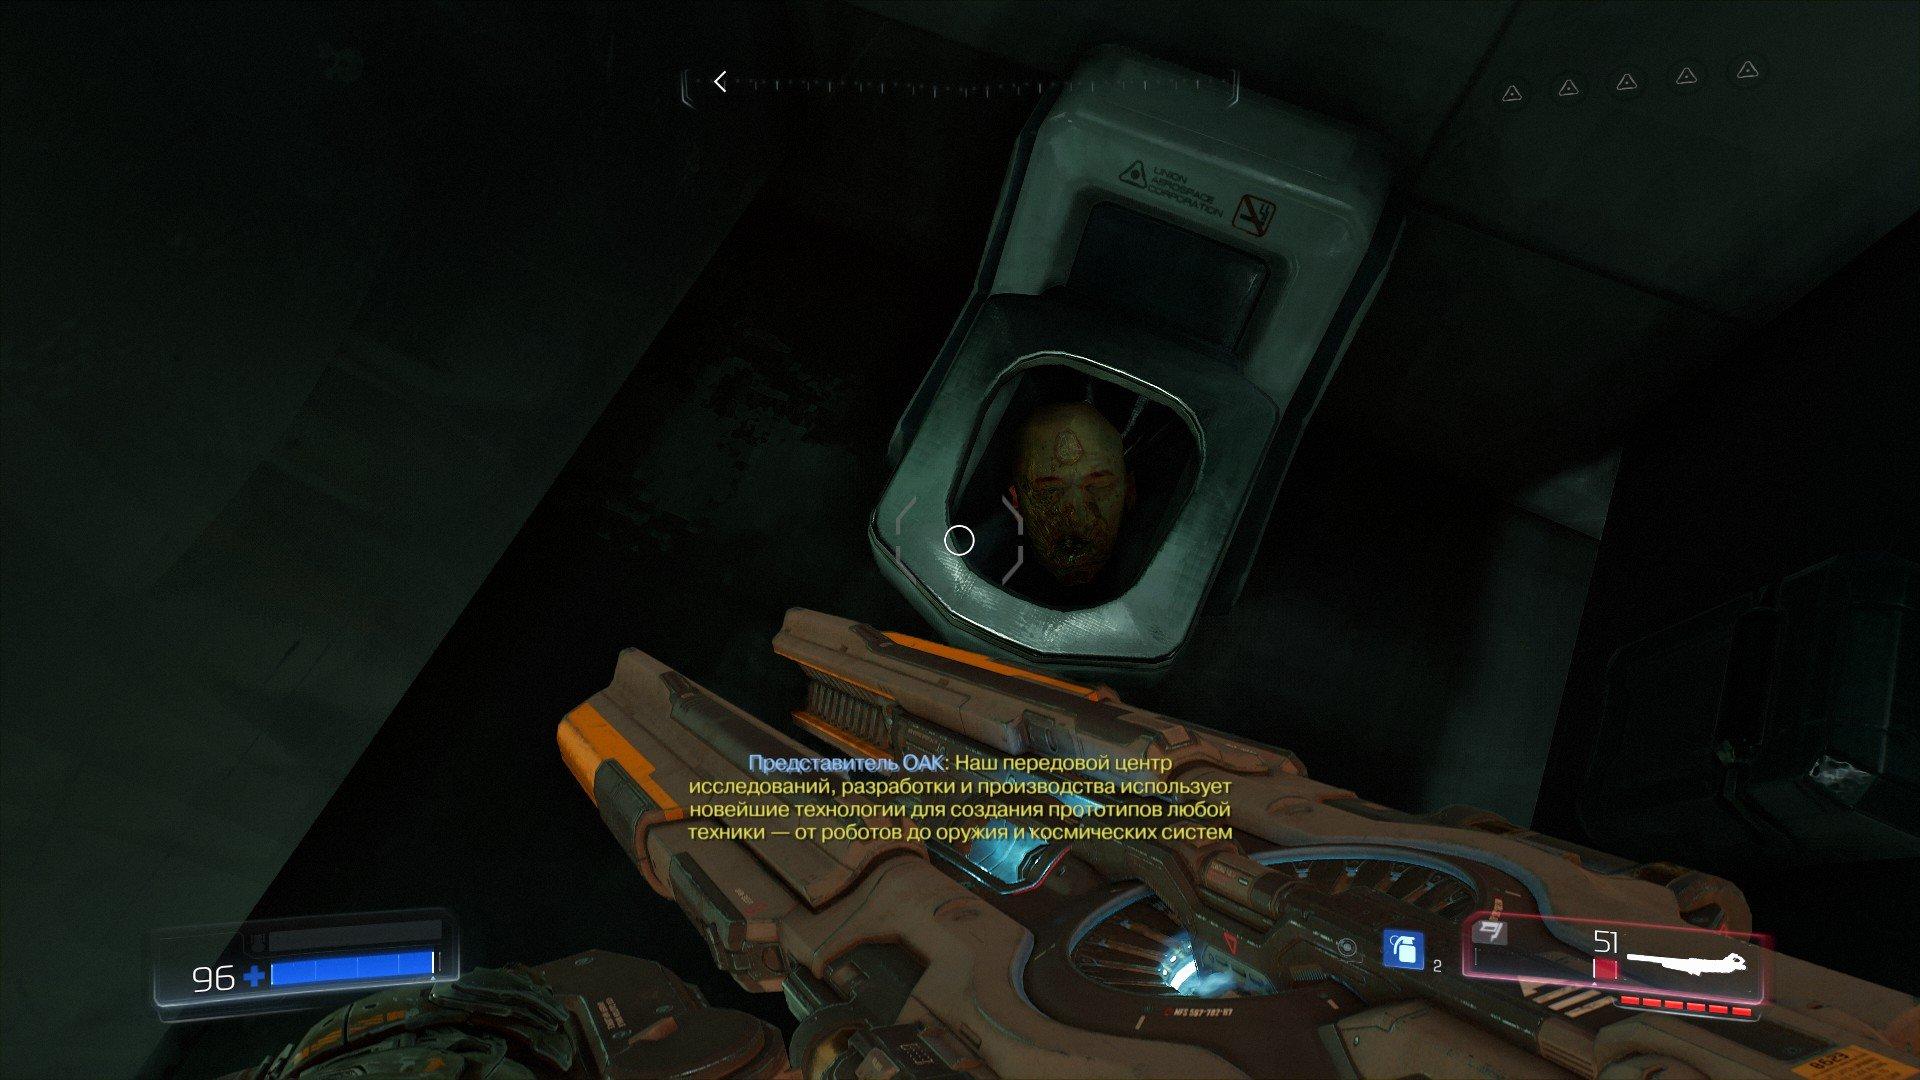 Вопль-прохождение Doom ... Позитивный и развеселый - Изображение 10